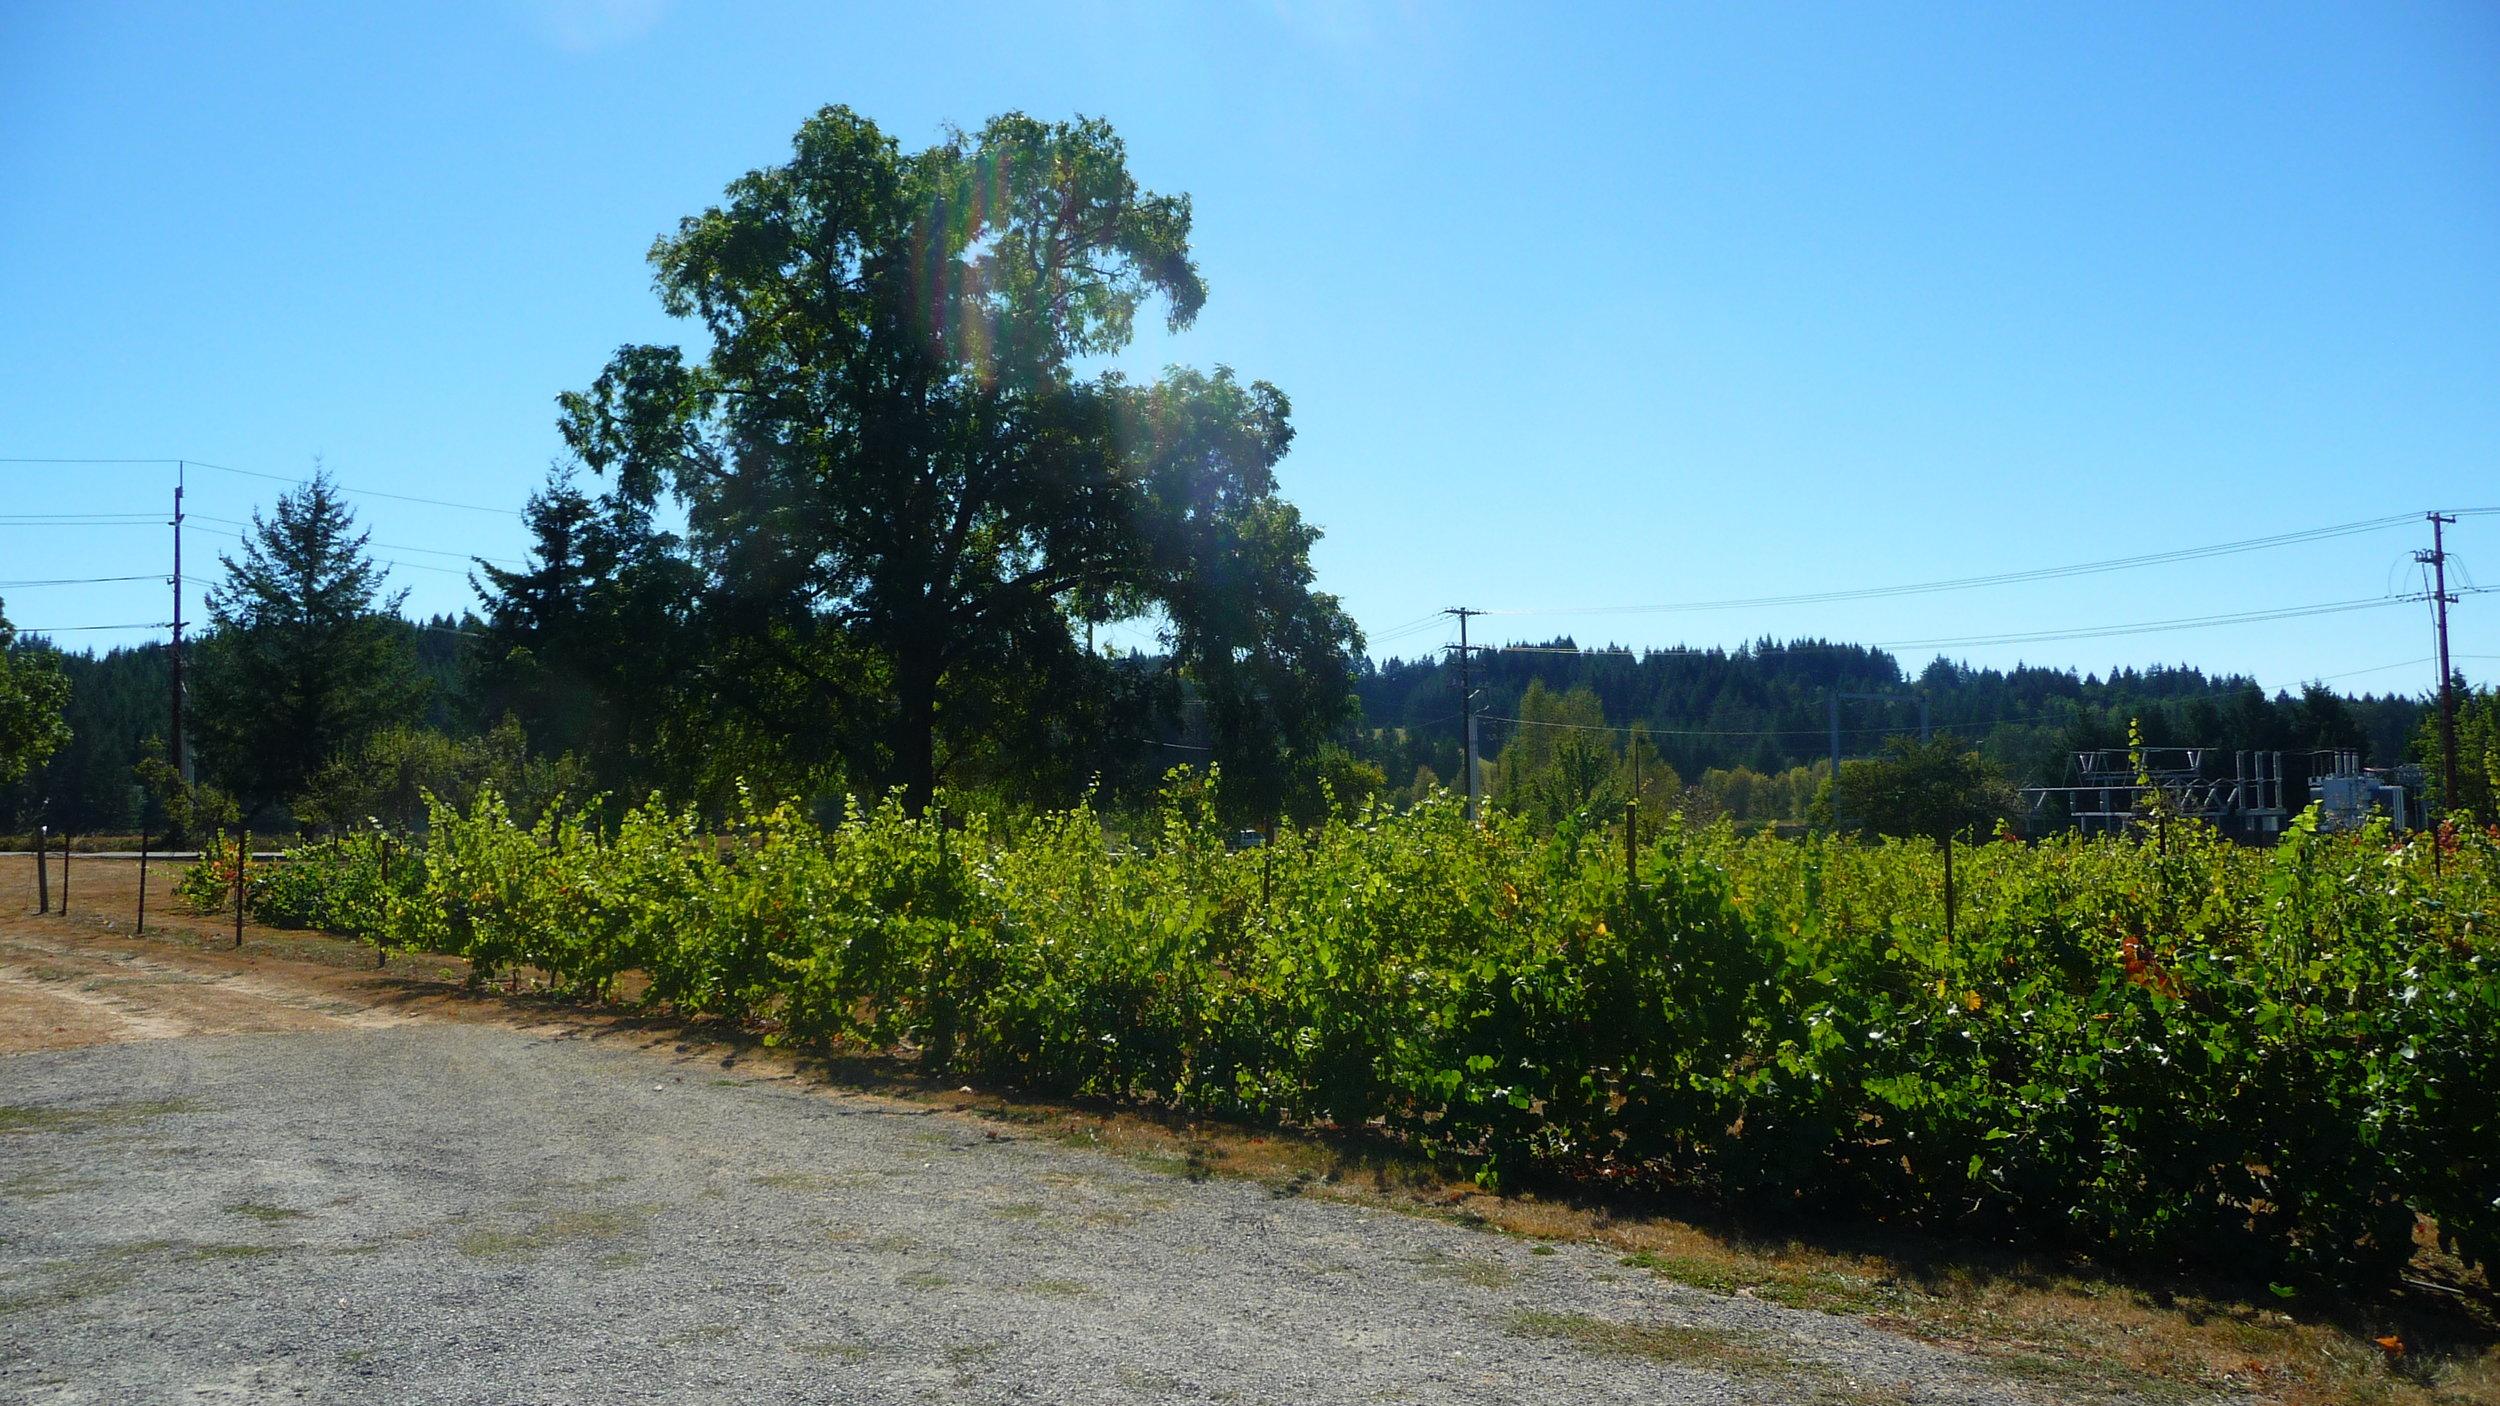 Vines at Heisen House Vineyards in Battle Ground